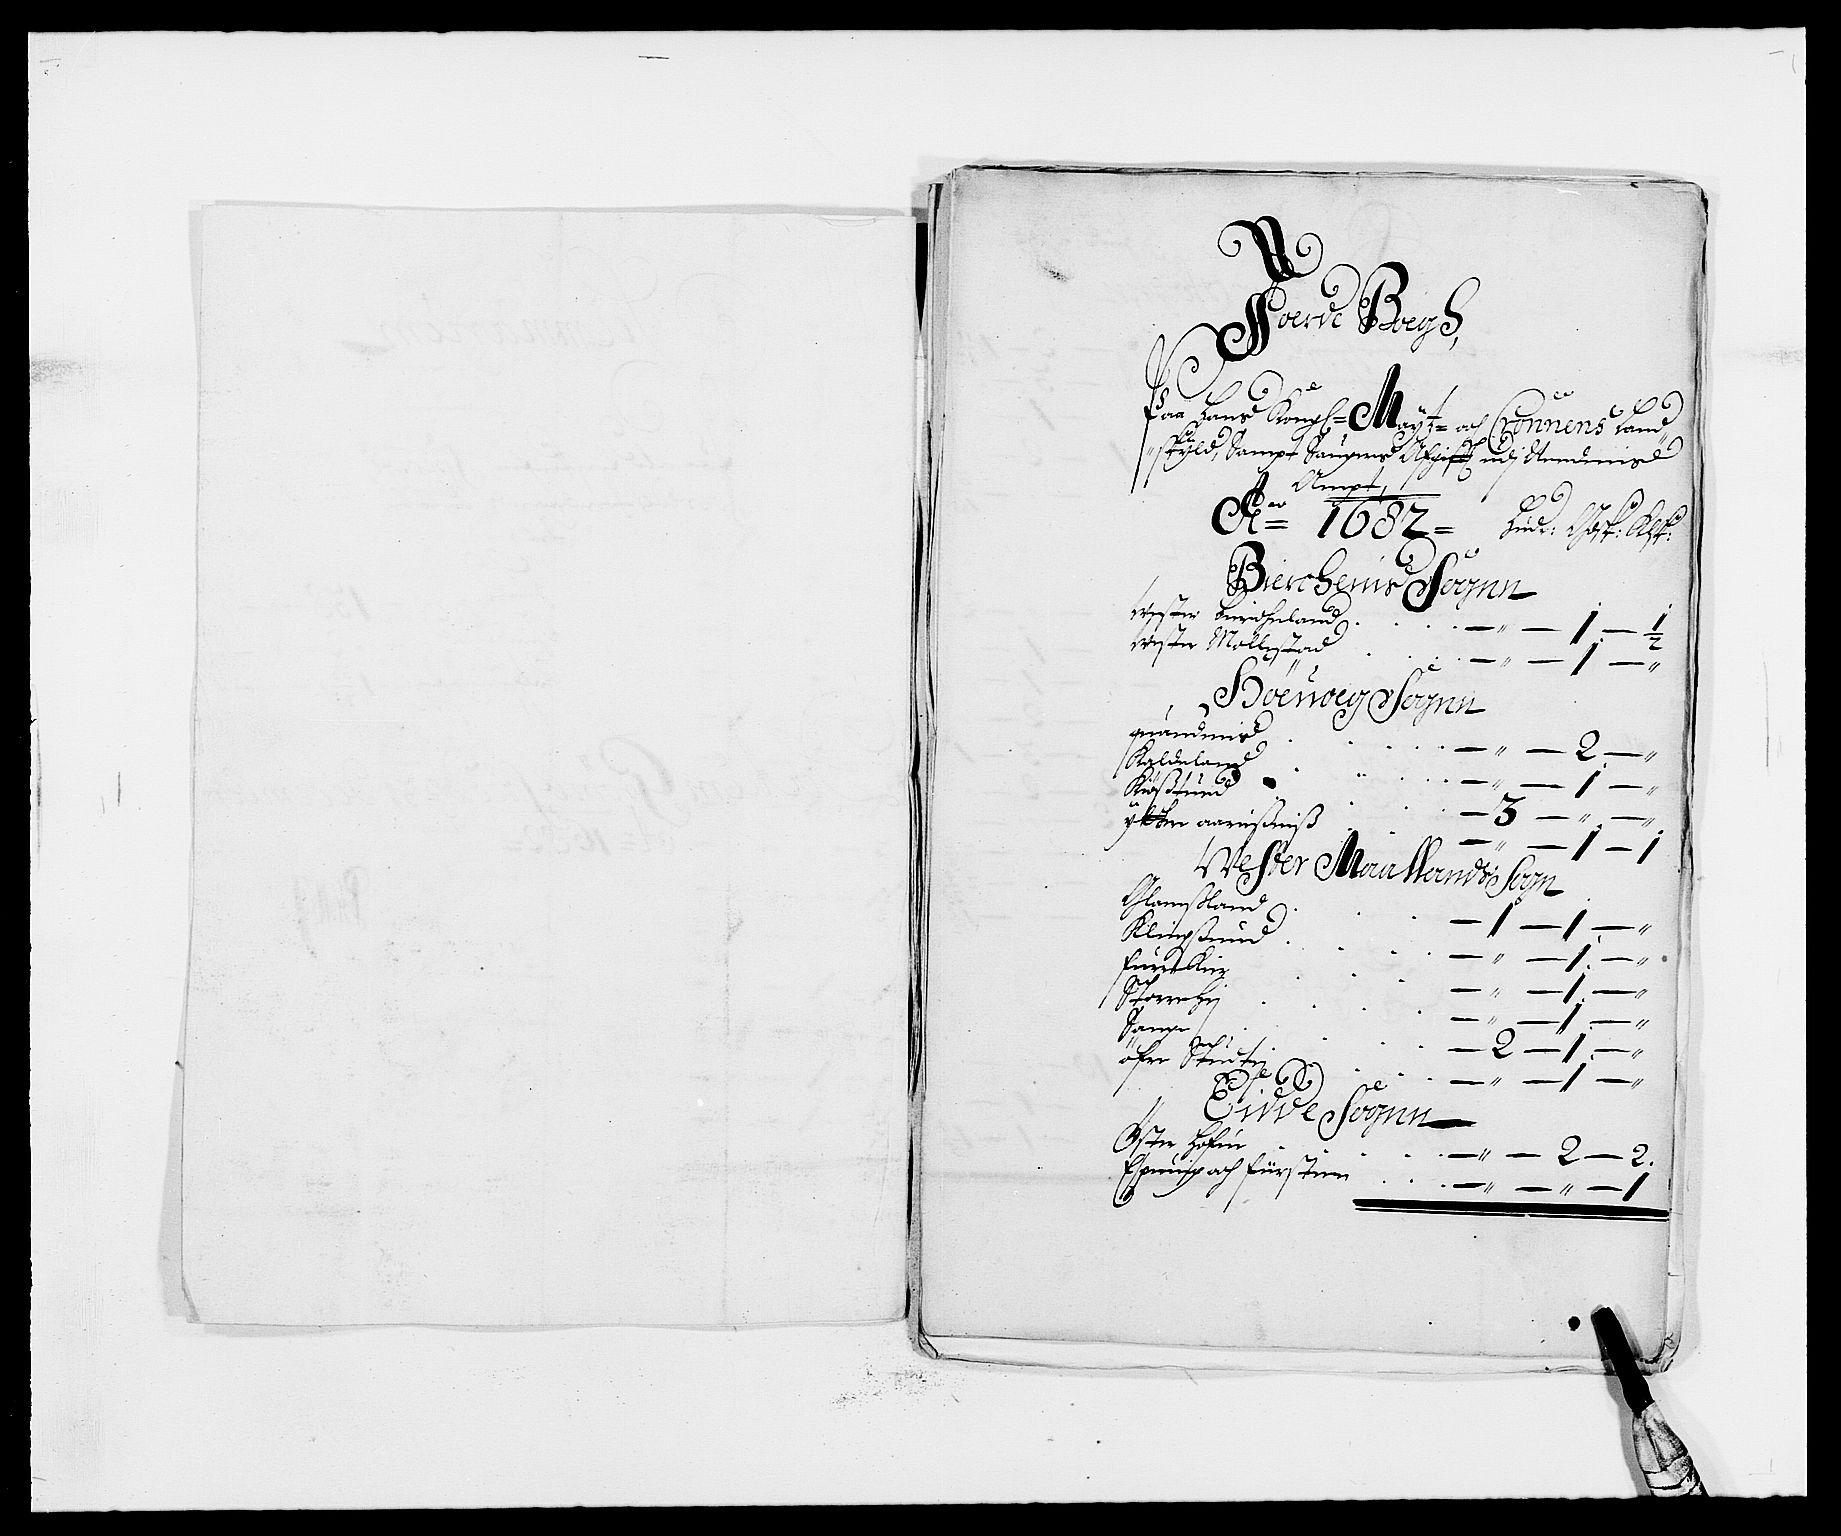 RA, Rentekammeret inntil 1814, Reviderte regnskaper, Fogderegnskap, R39/L2304: Fogderegnskap Nedenes, 1680-1682, s. 401